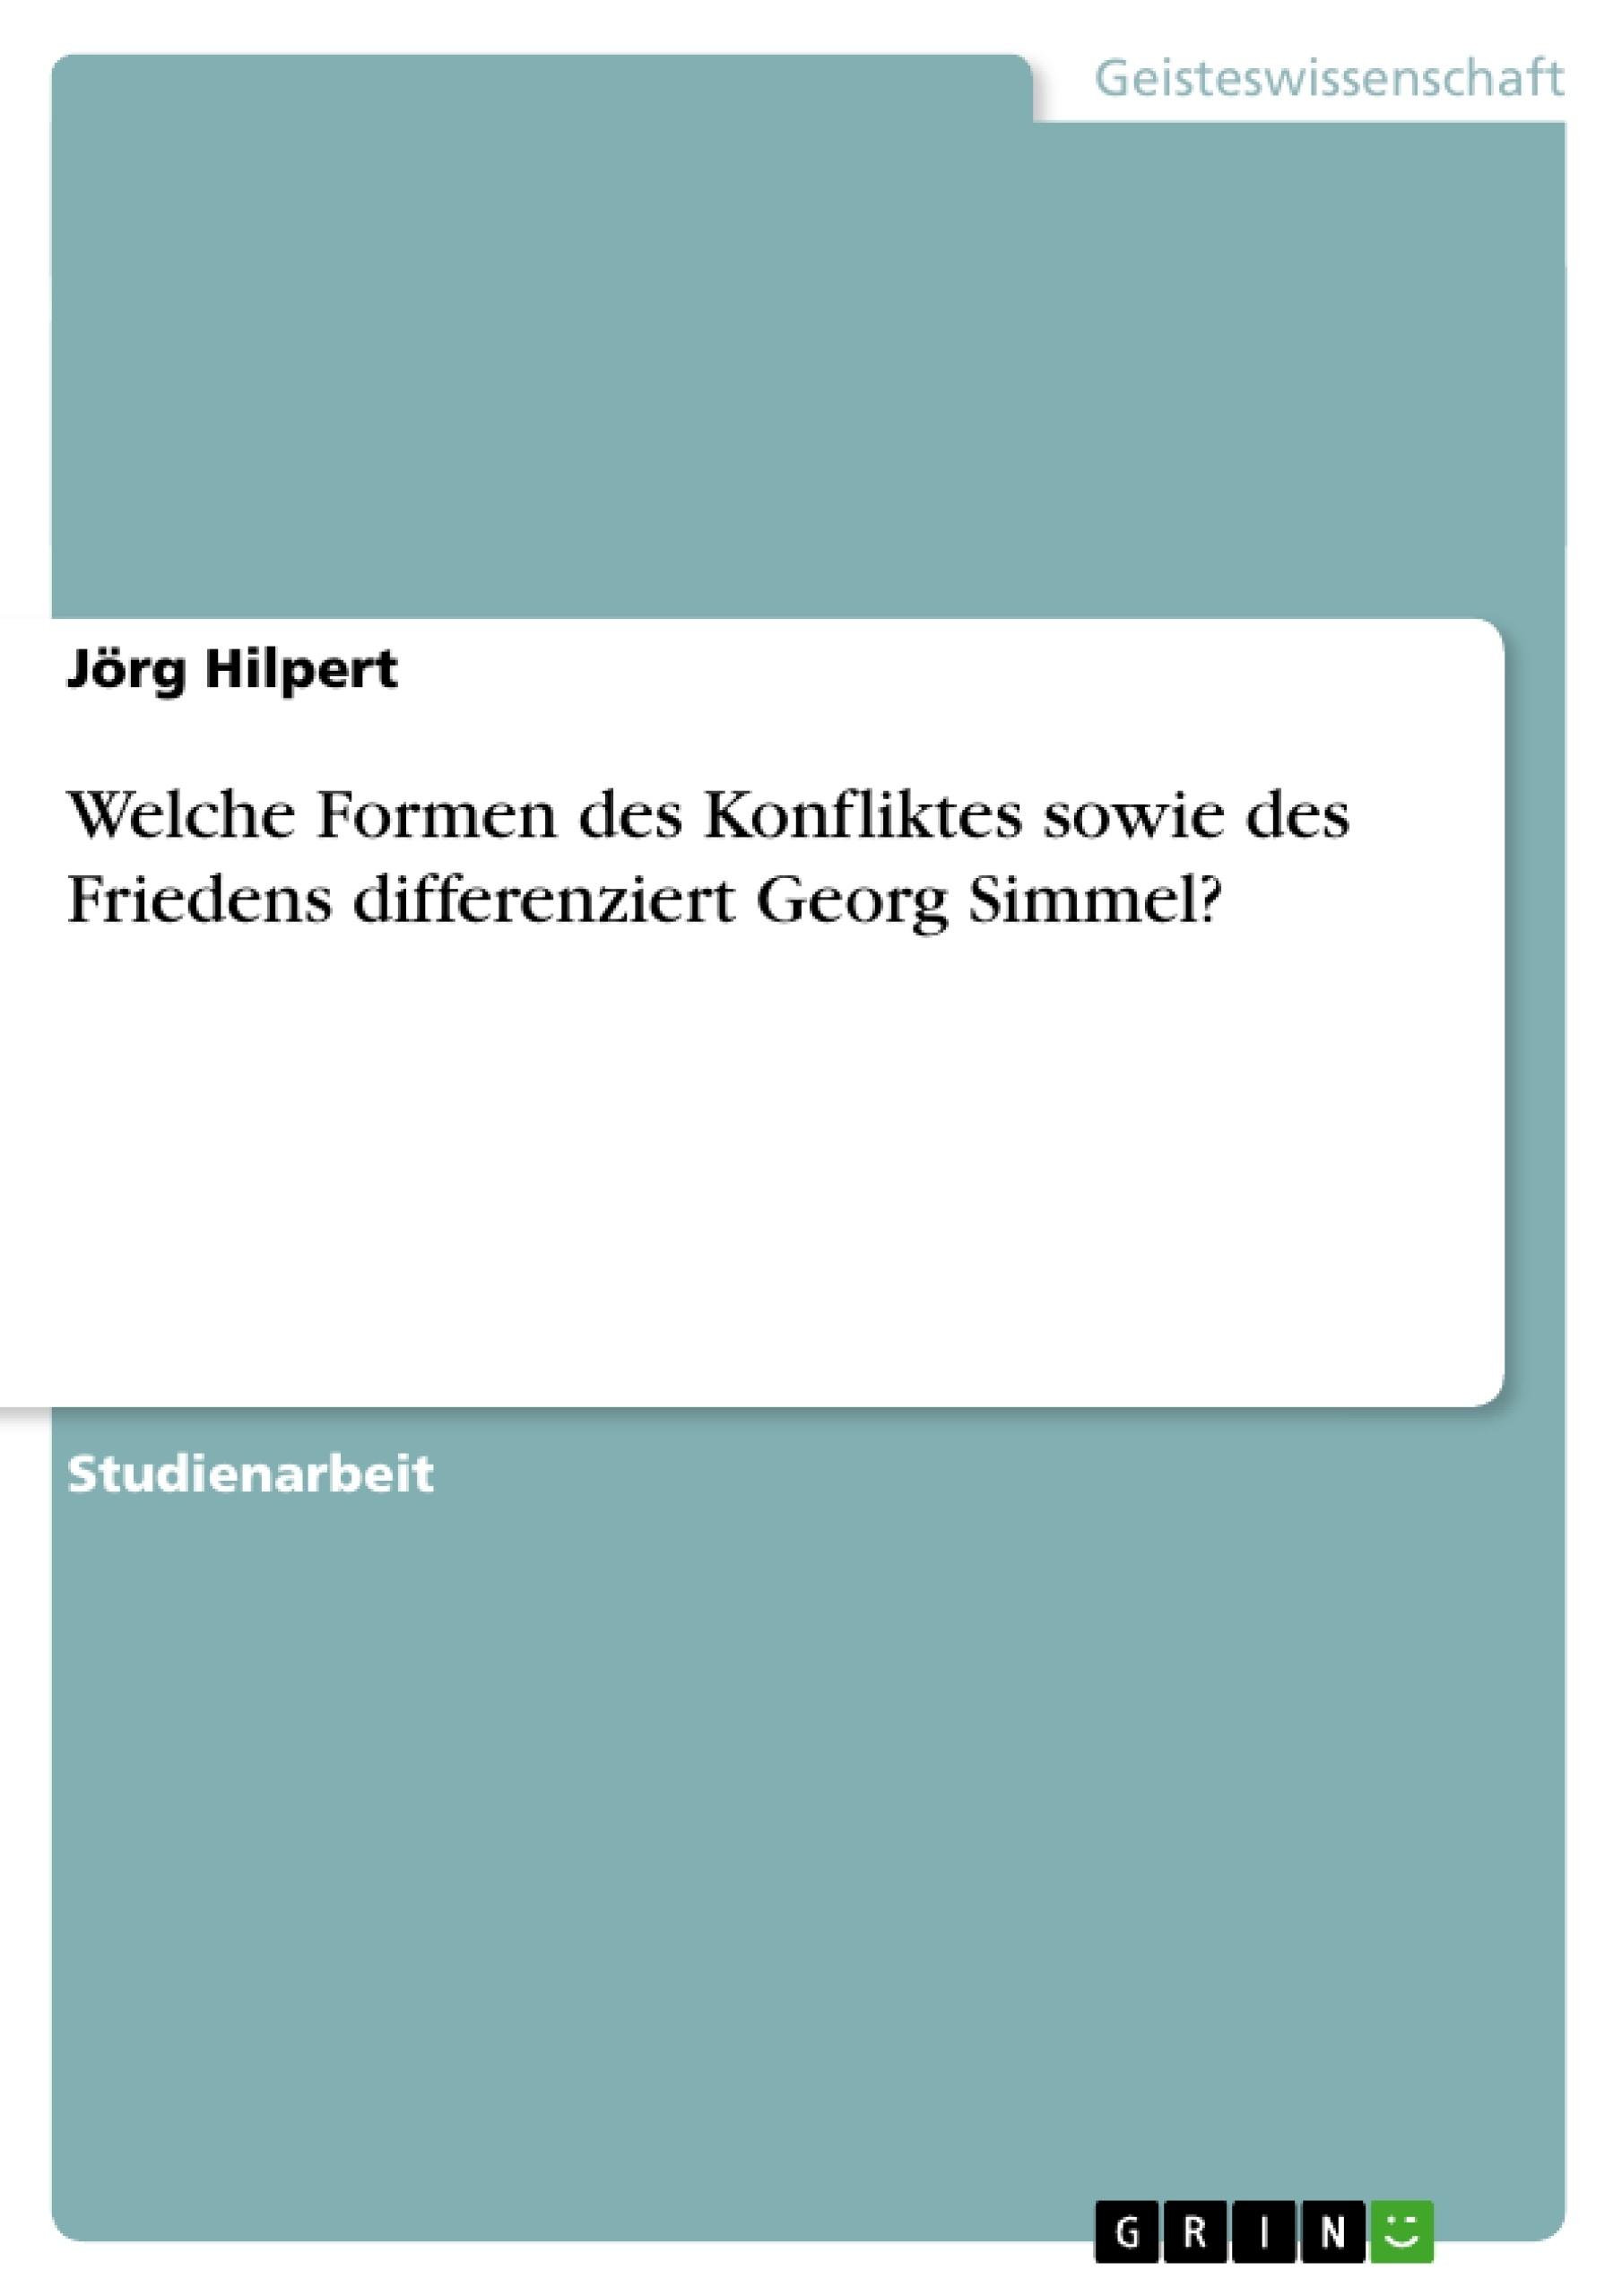 Titel: Welche Formen des Konfliktes sowie des Friedens differenziert Georg Simmel?